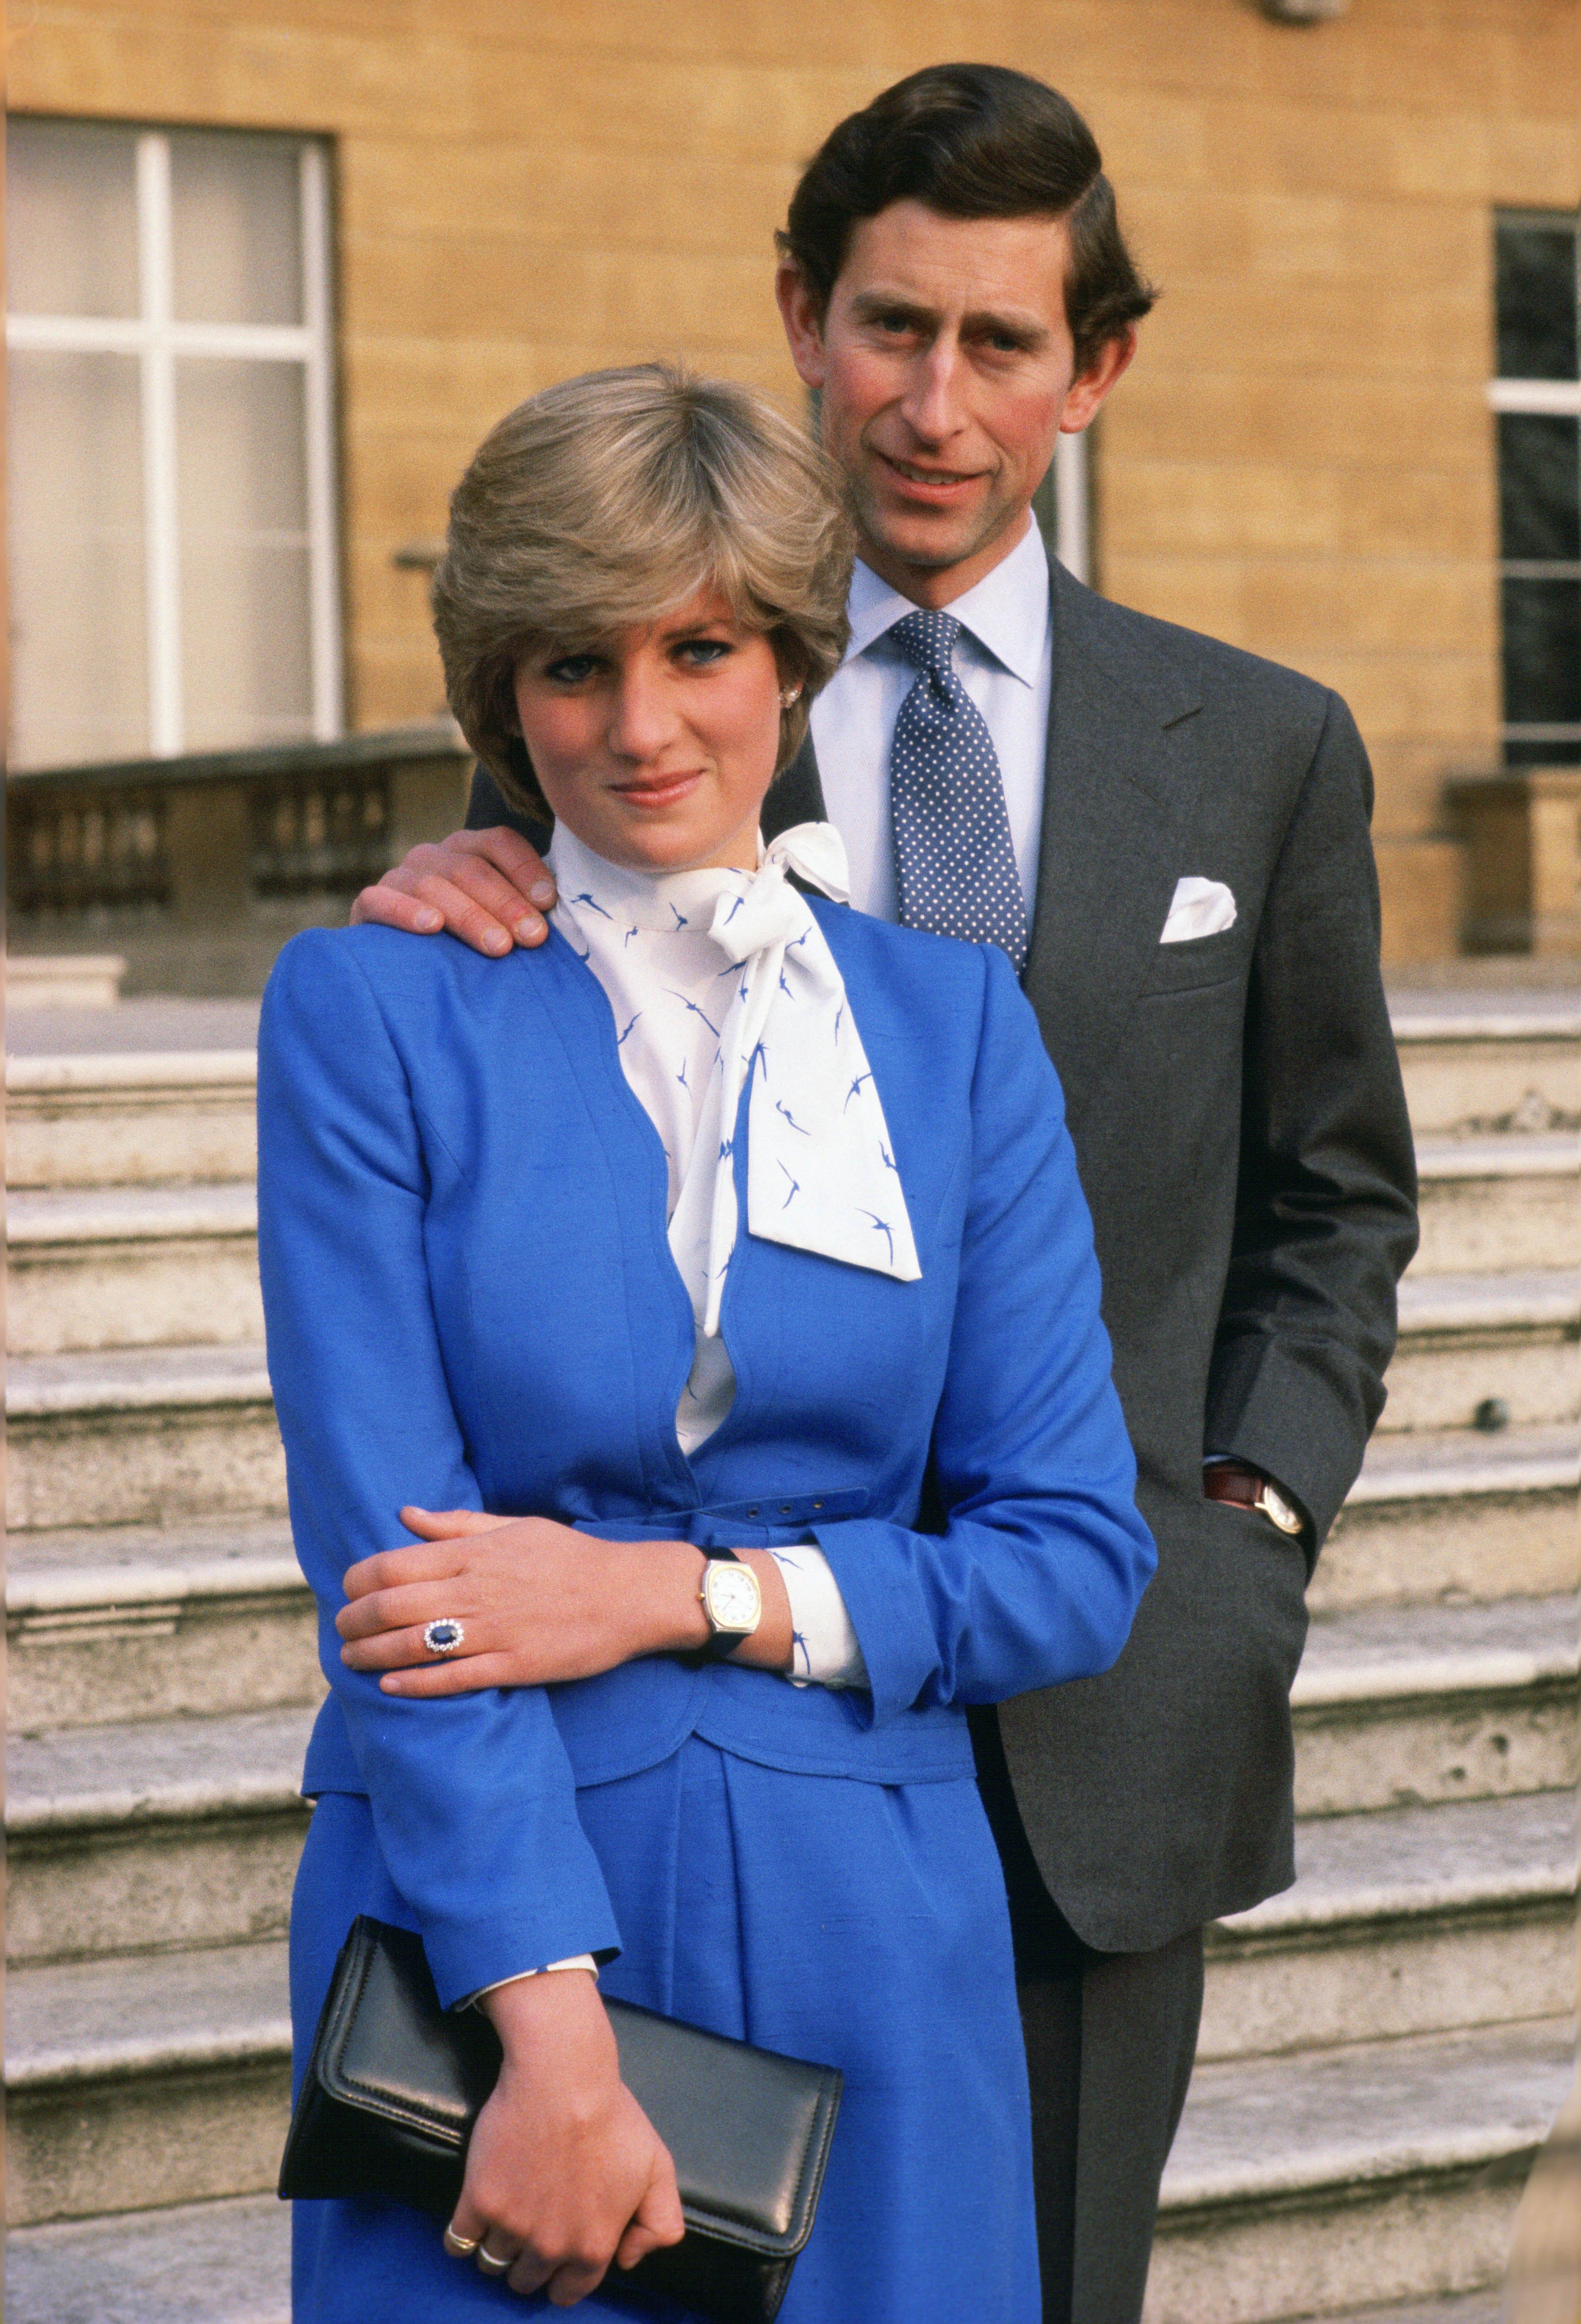 Princess Diana engagement photos